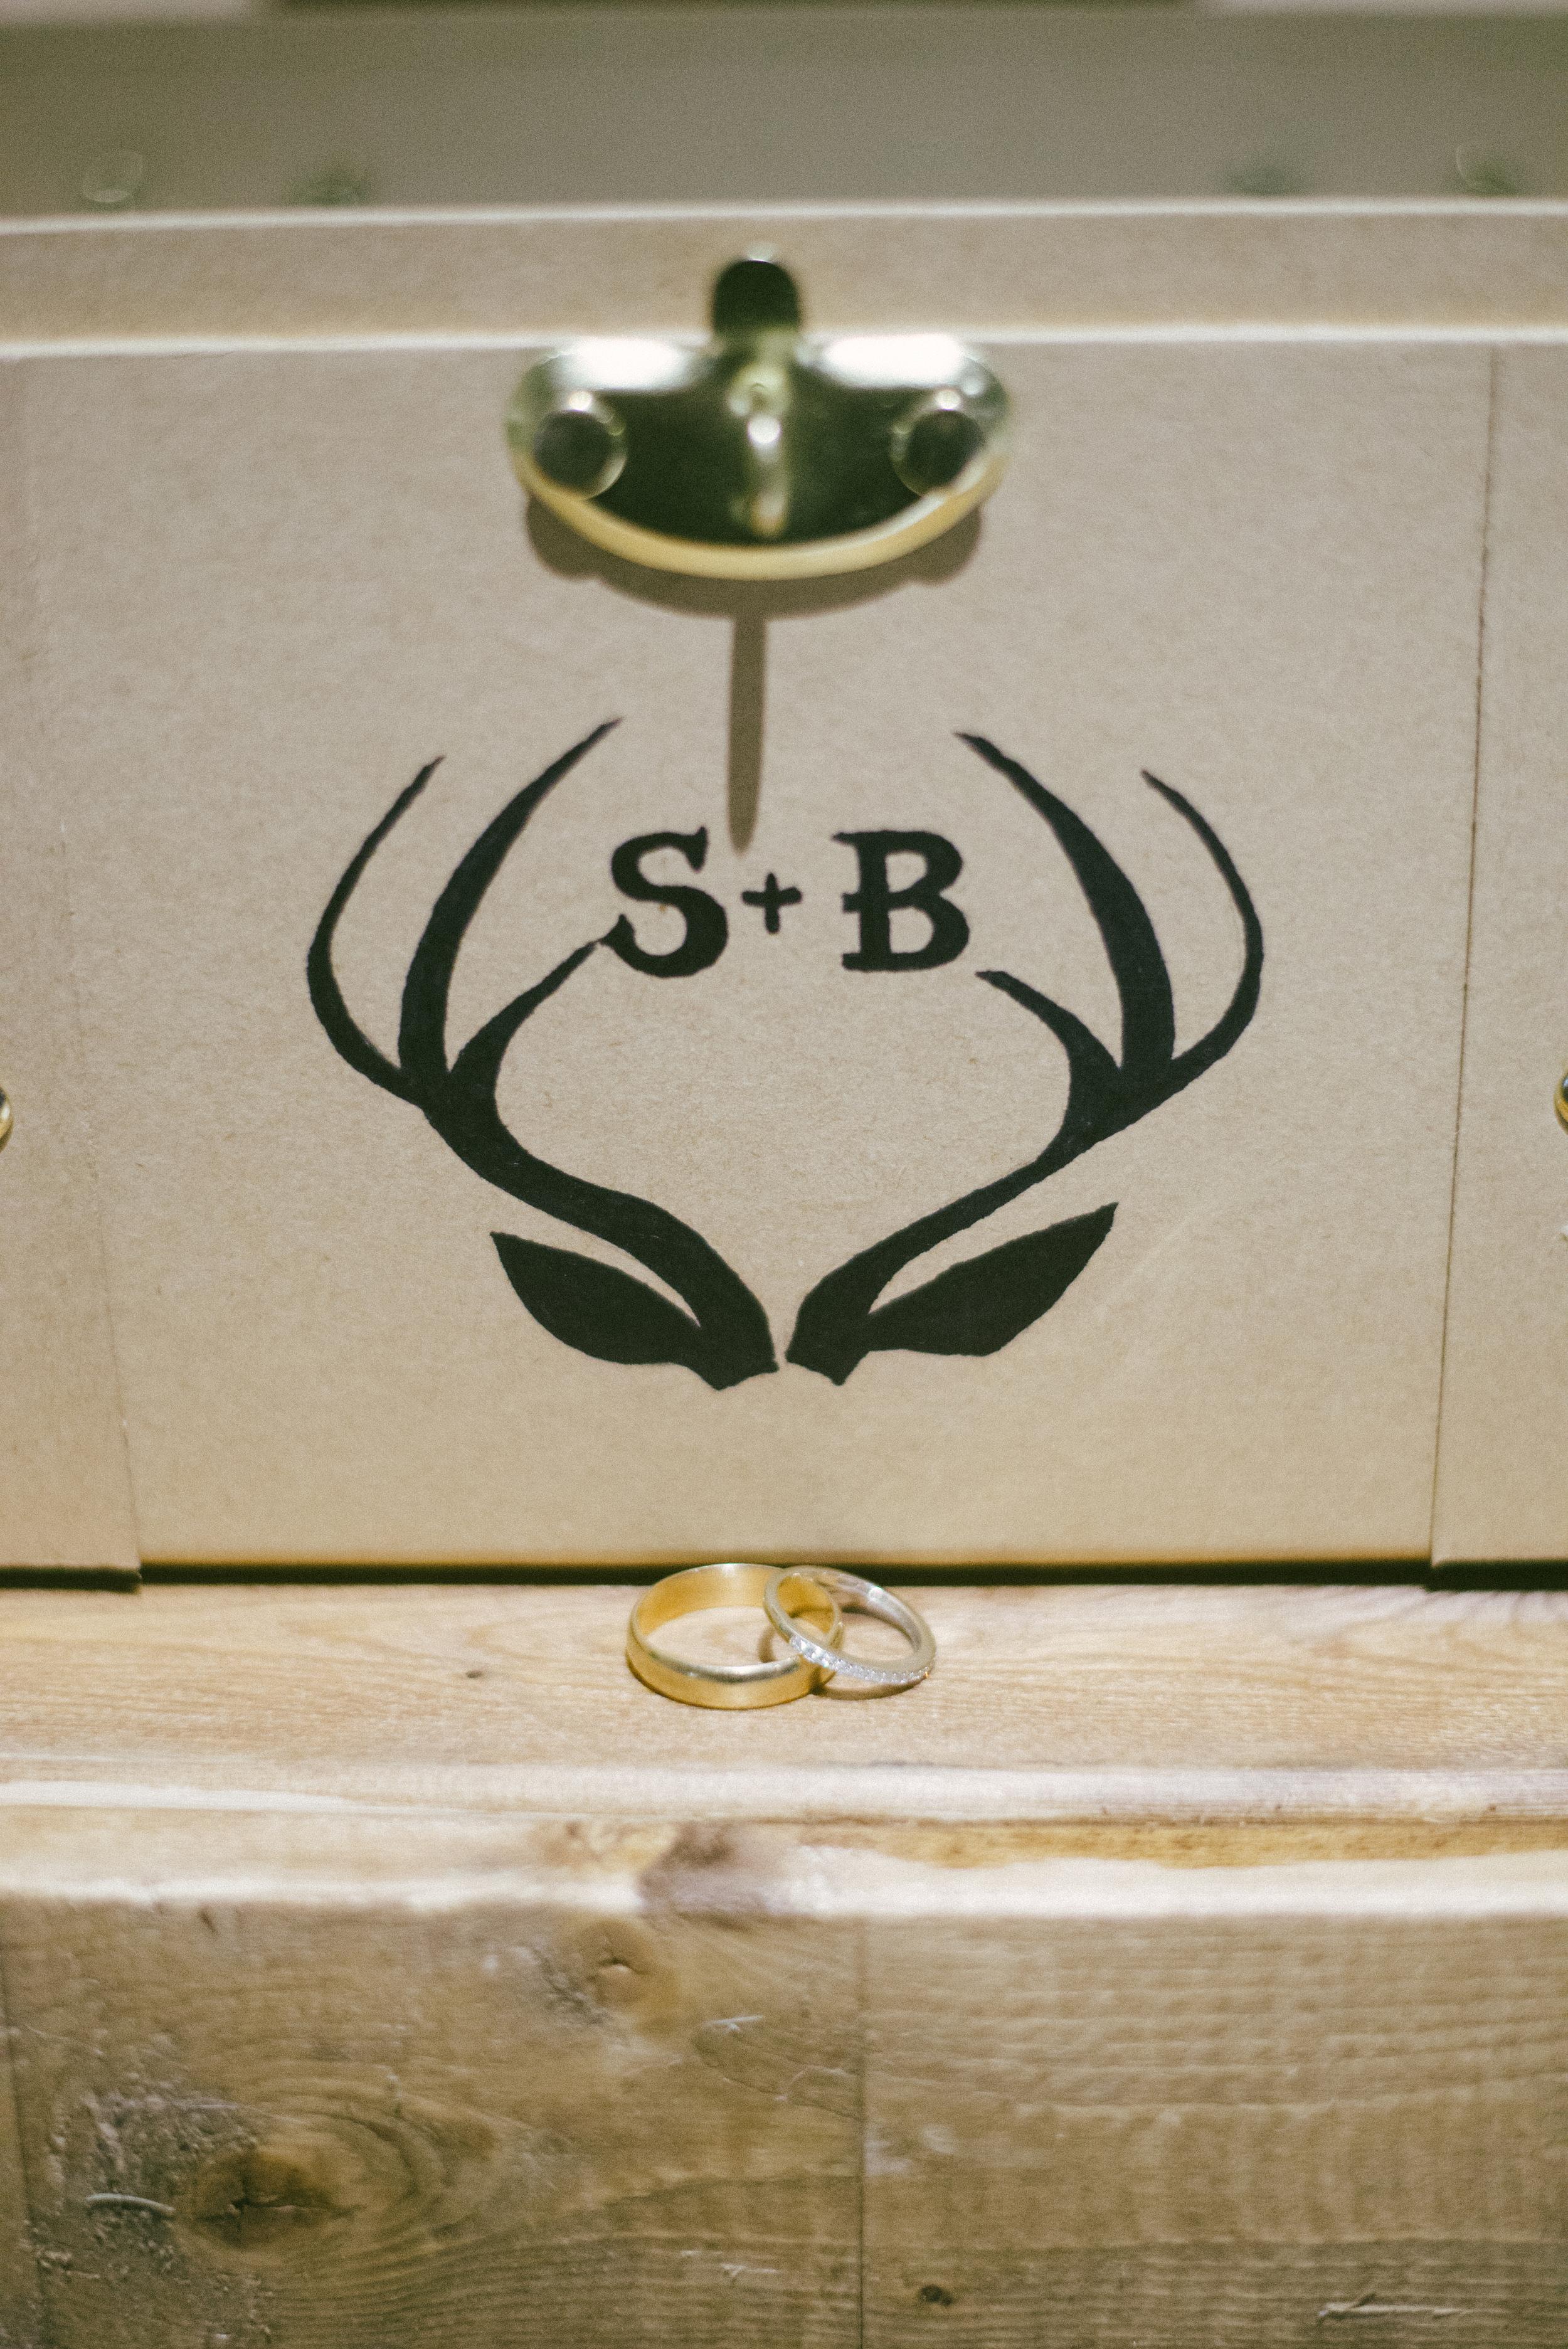 s+b-bet-41.jpg